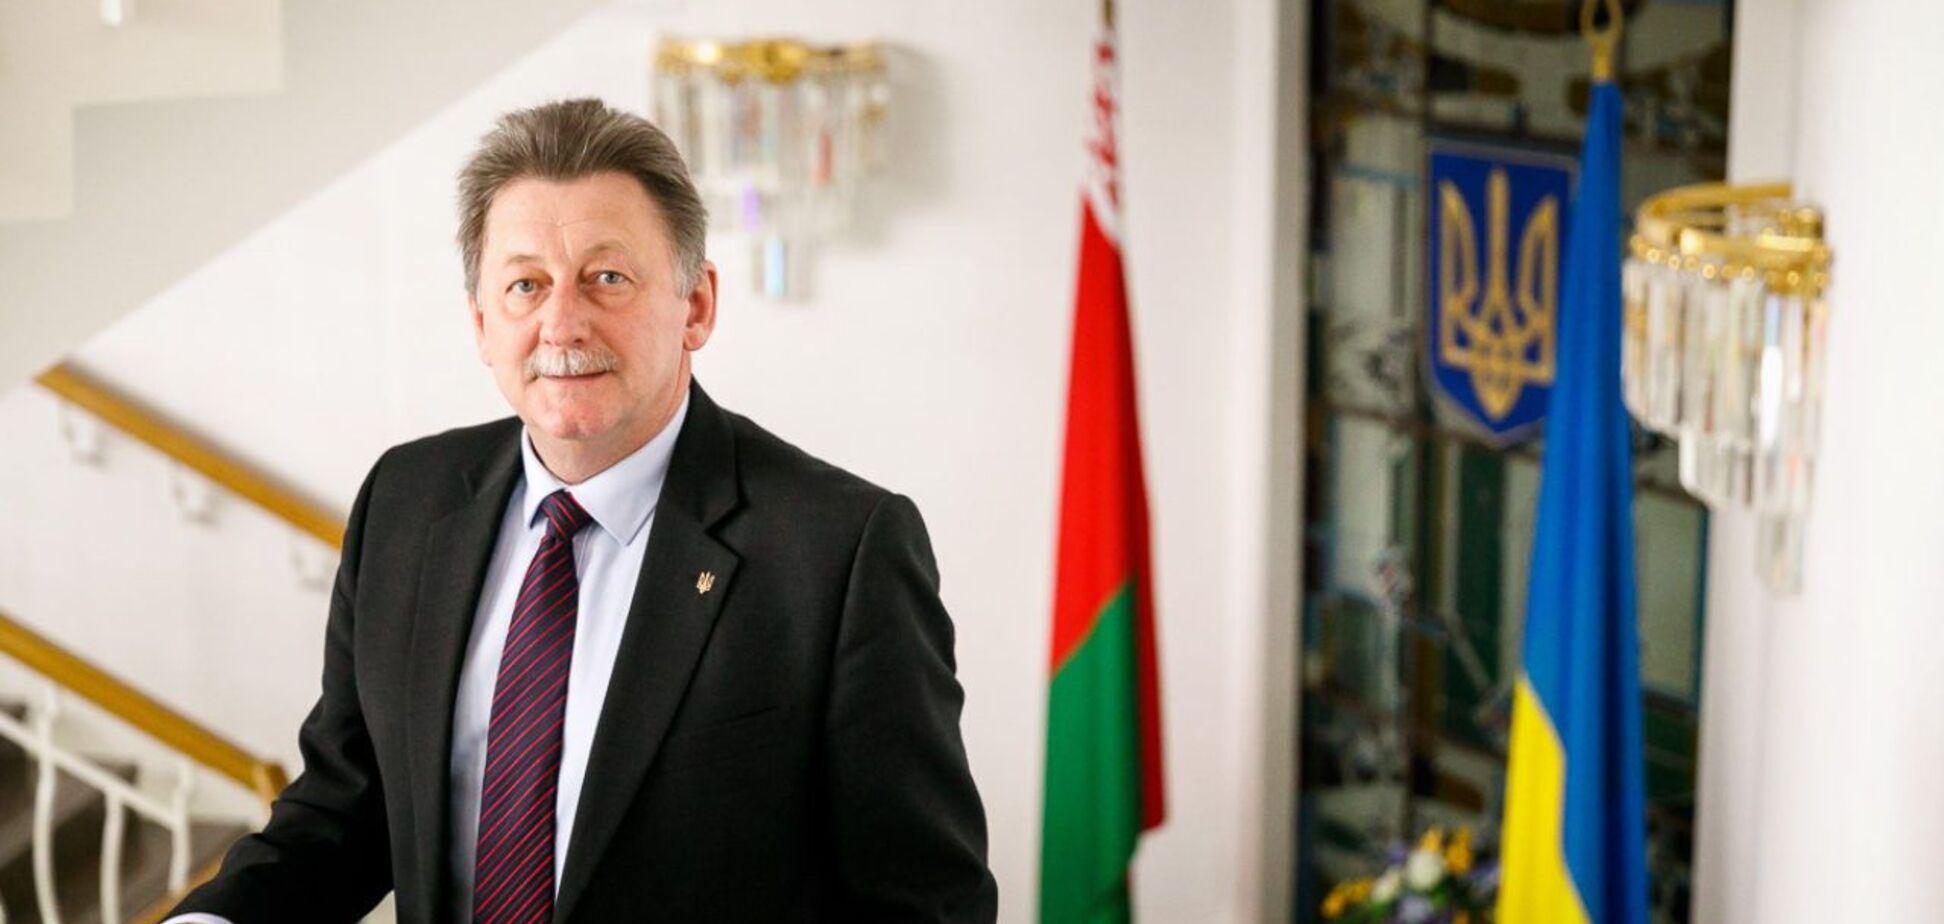 Украина вызвала для консультаций посла в Беларуси Игоря Кизима